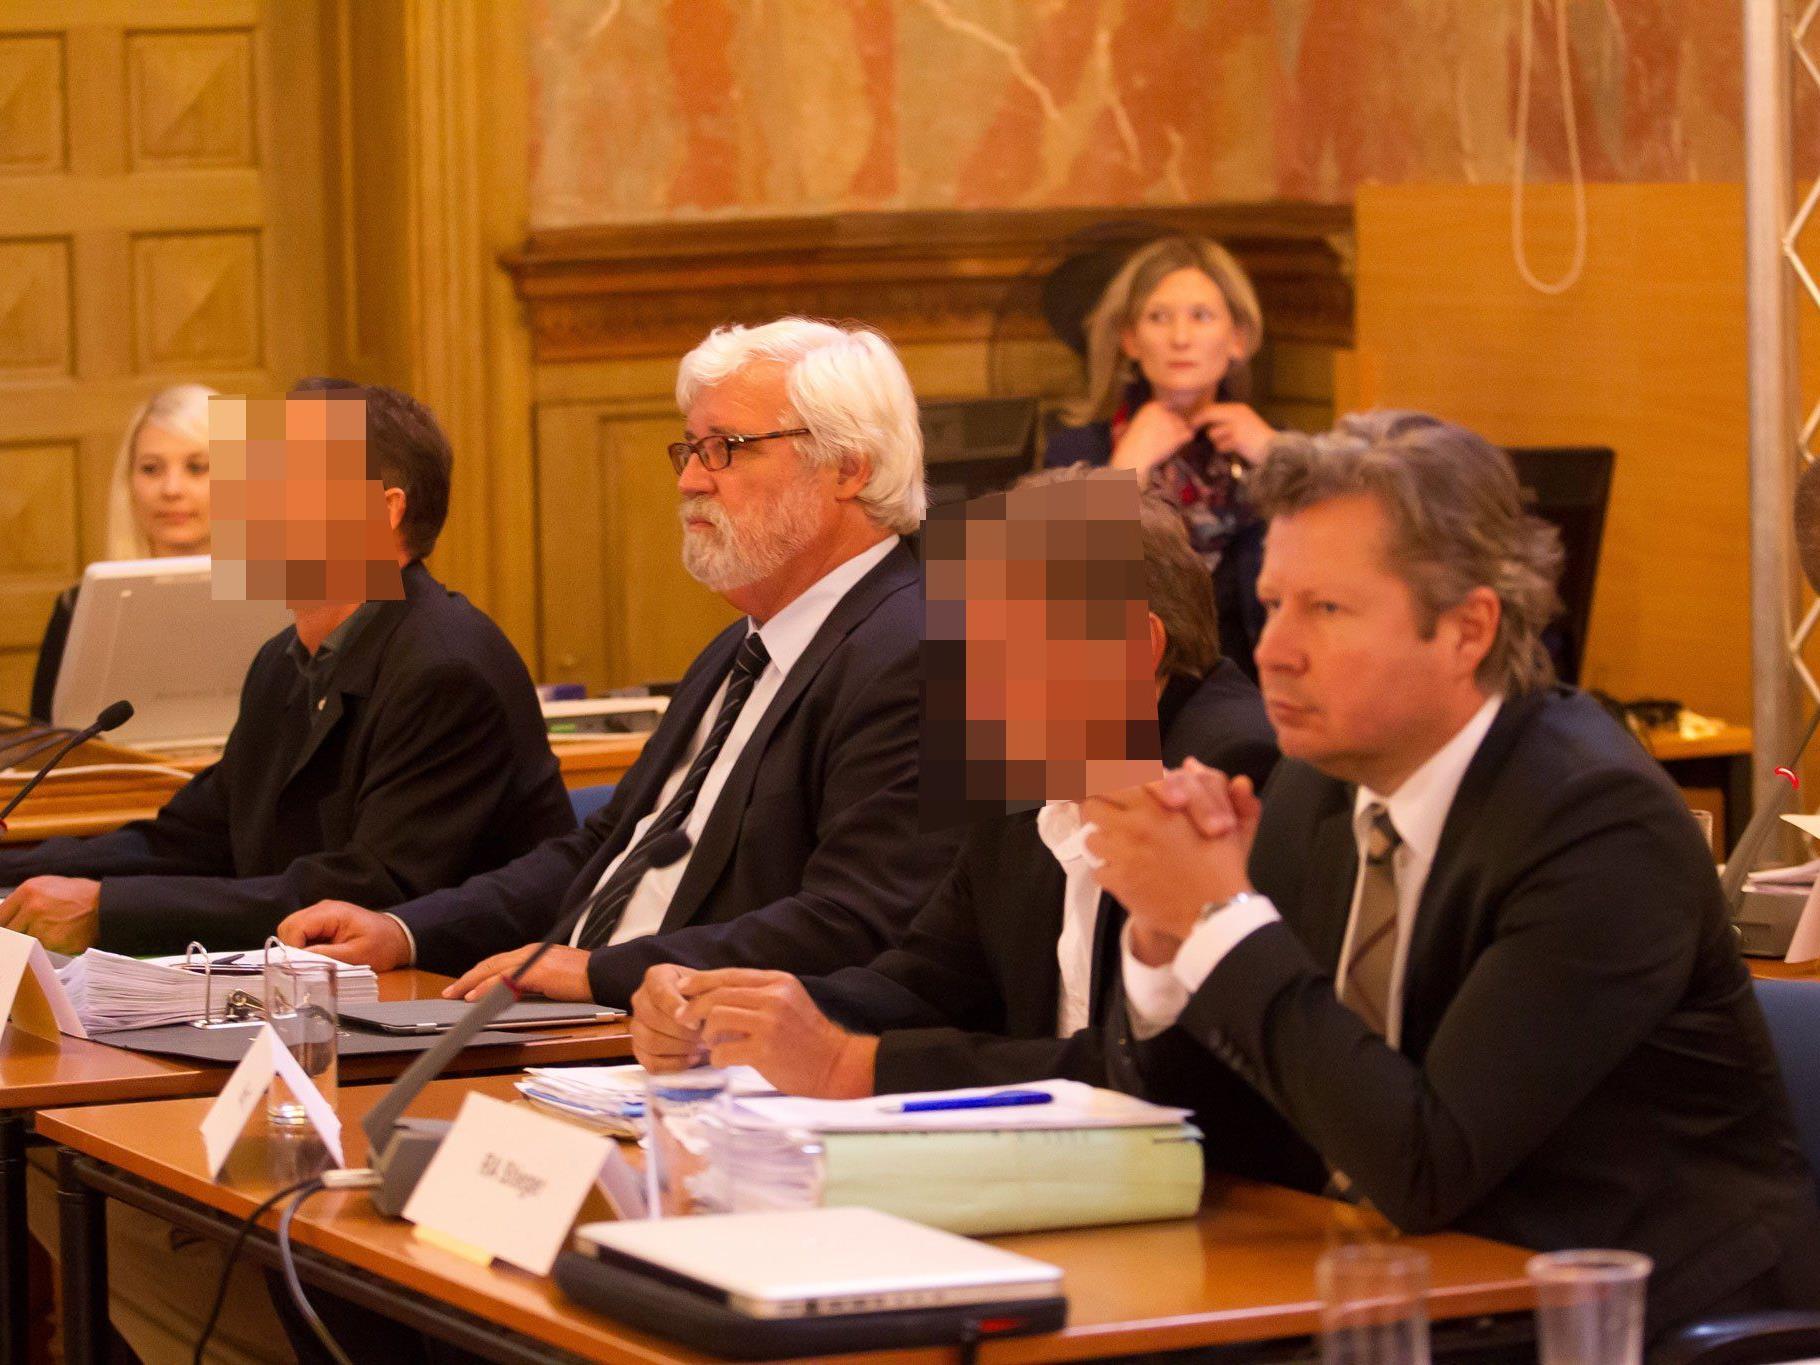 Jürgen H. und Kurt T. standen am ersten Prozesstag im Mittelpunkt.